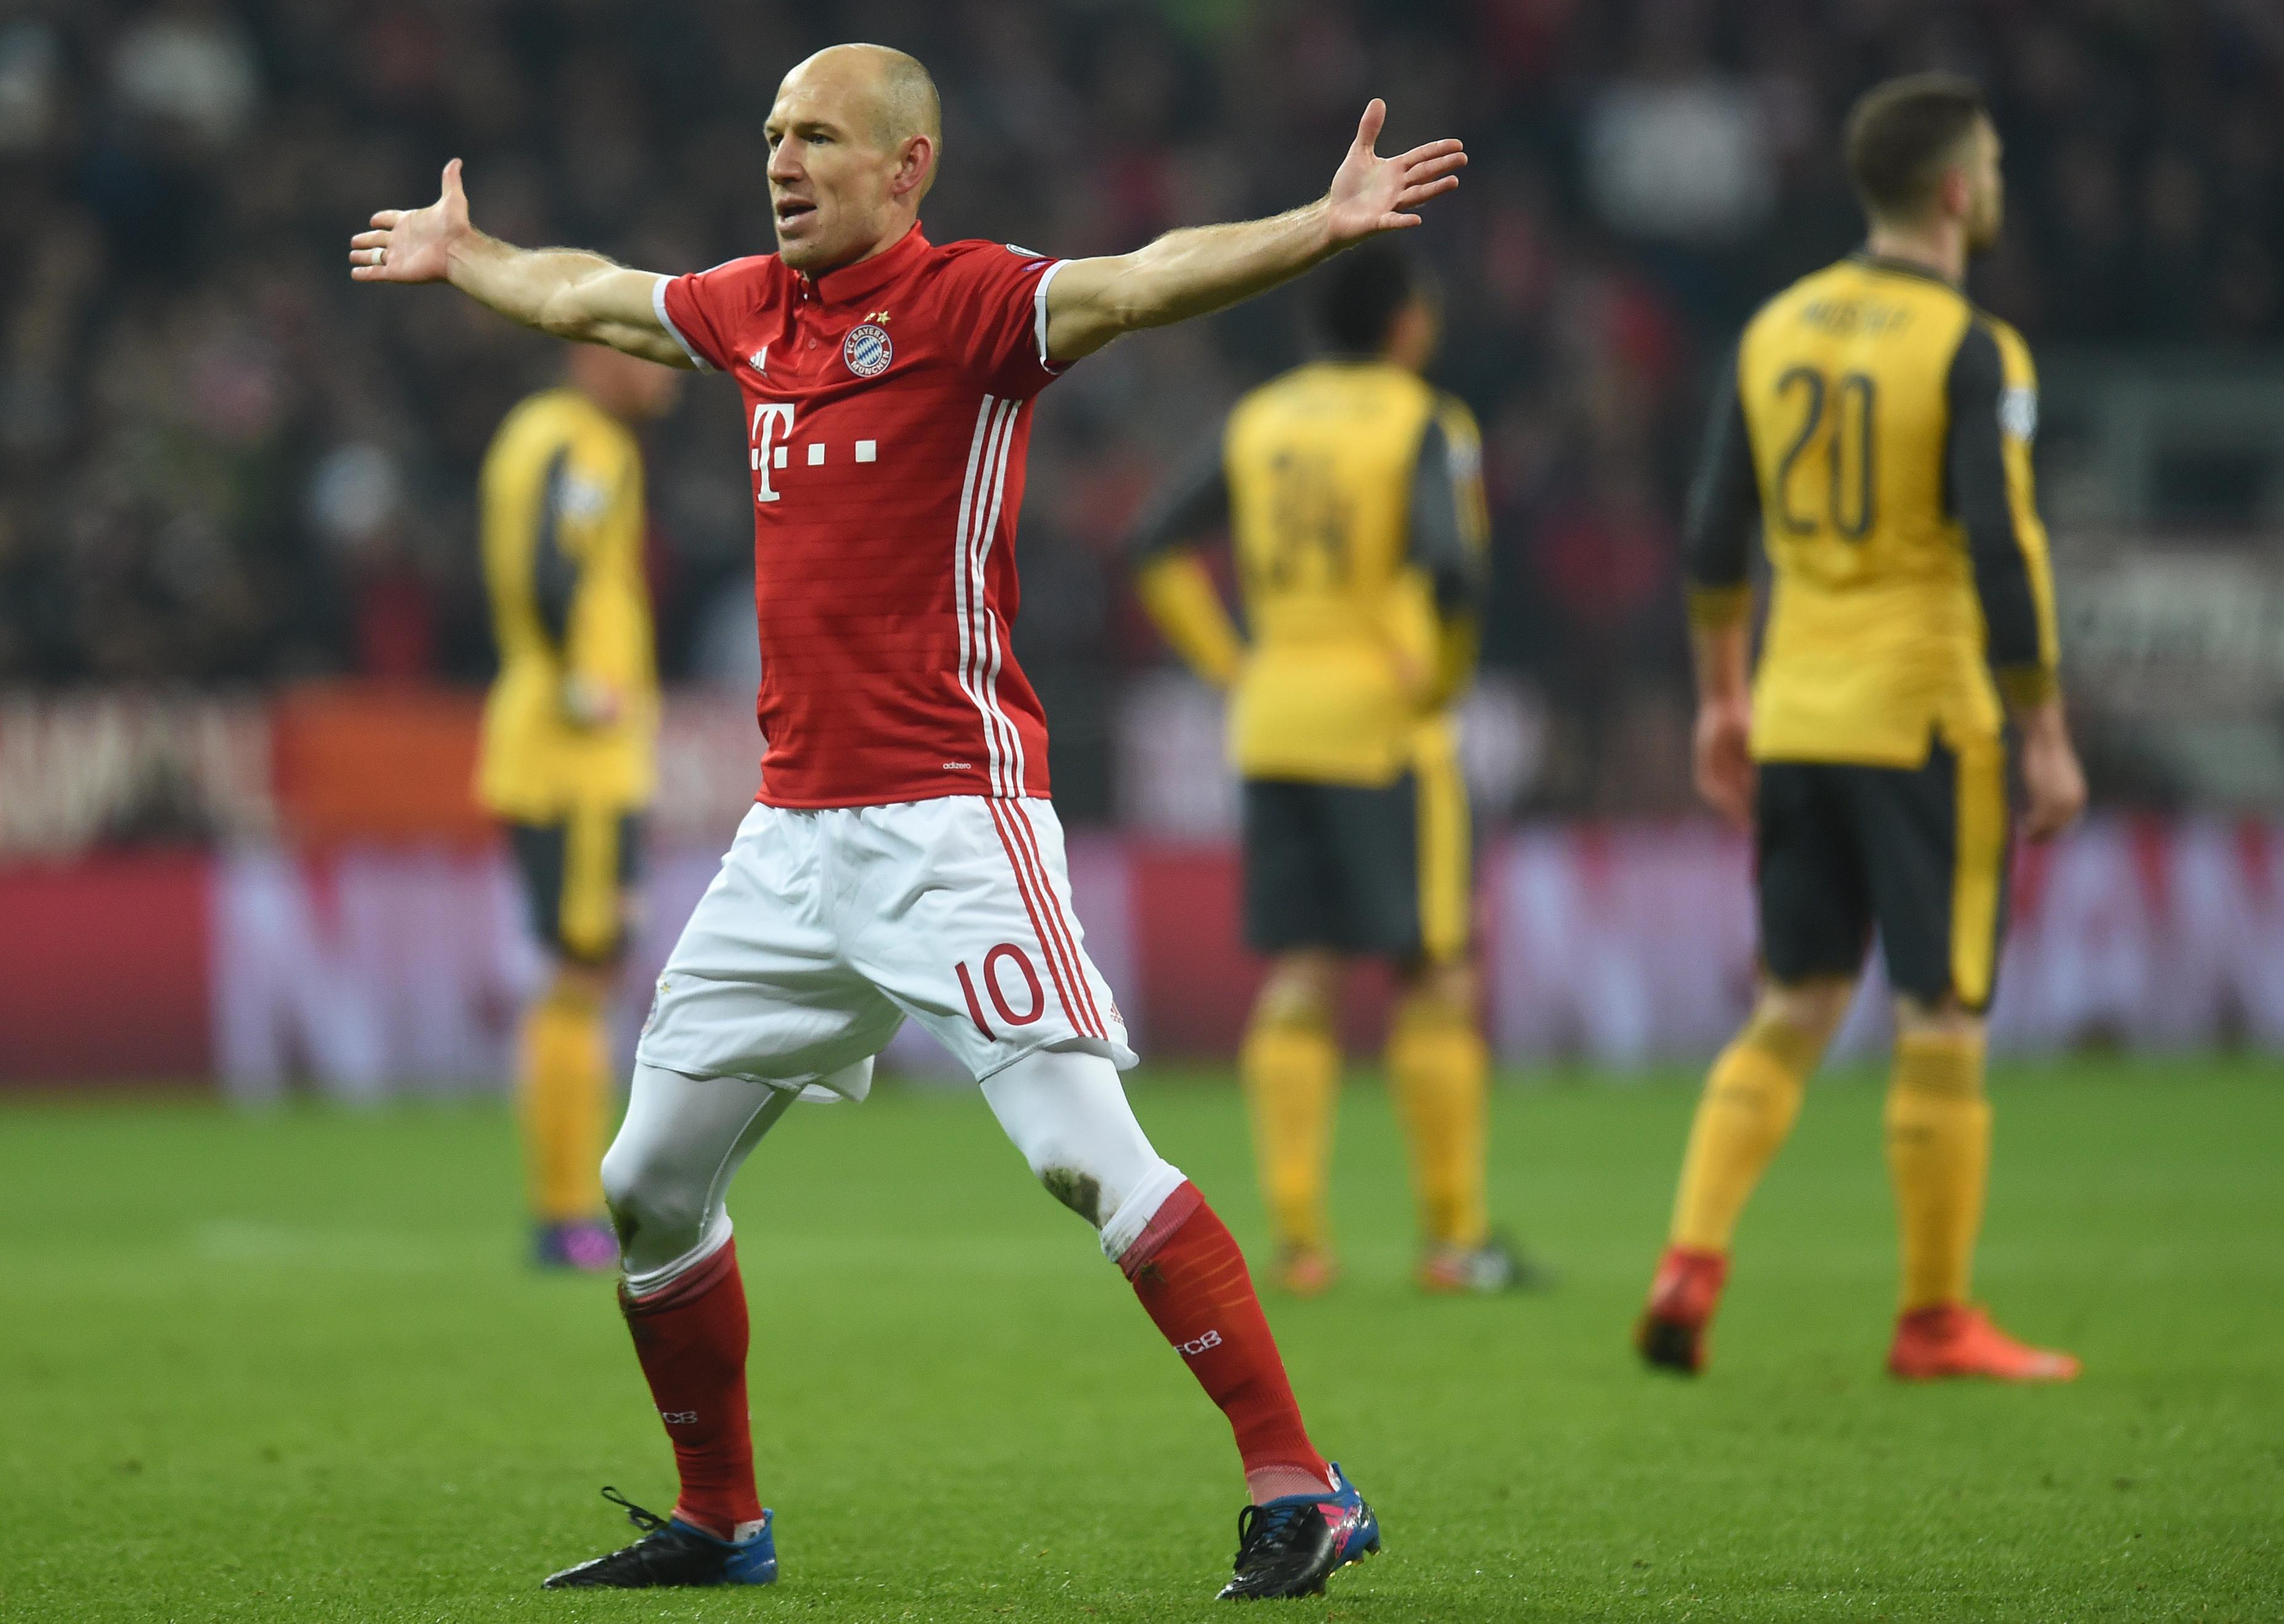 Egy félidő alatt kivégezte a Bayern az Arsenalt